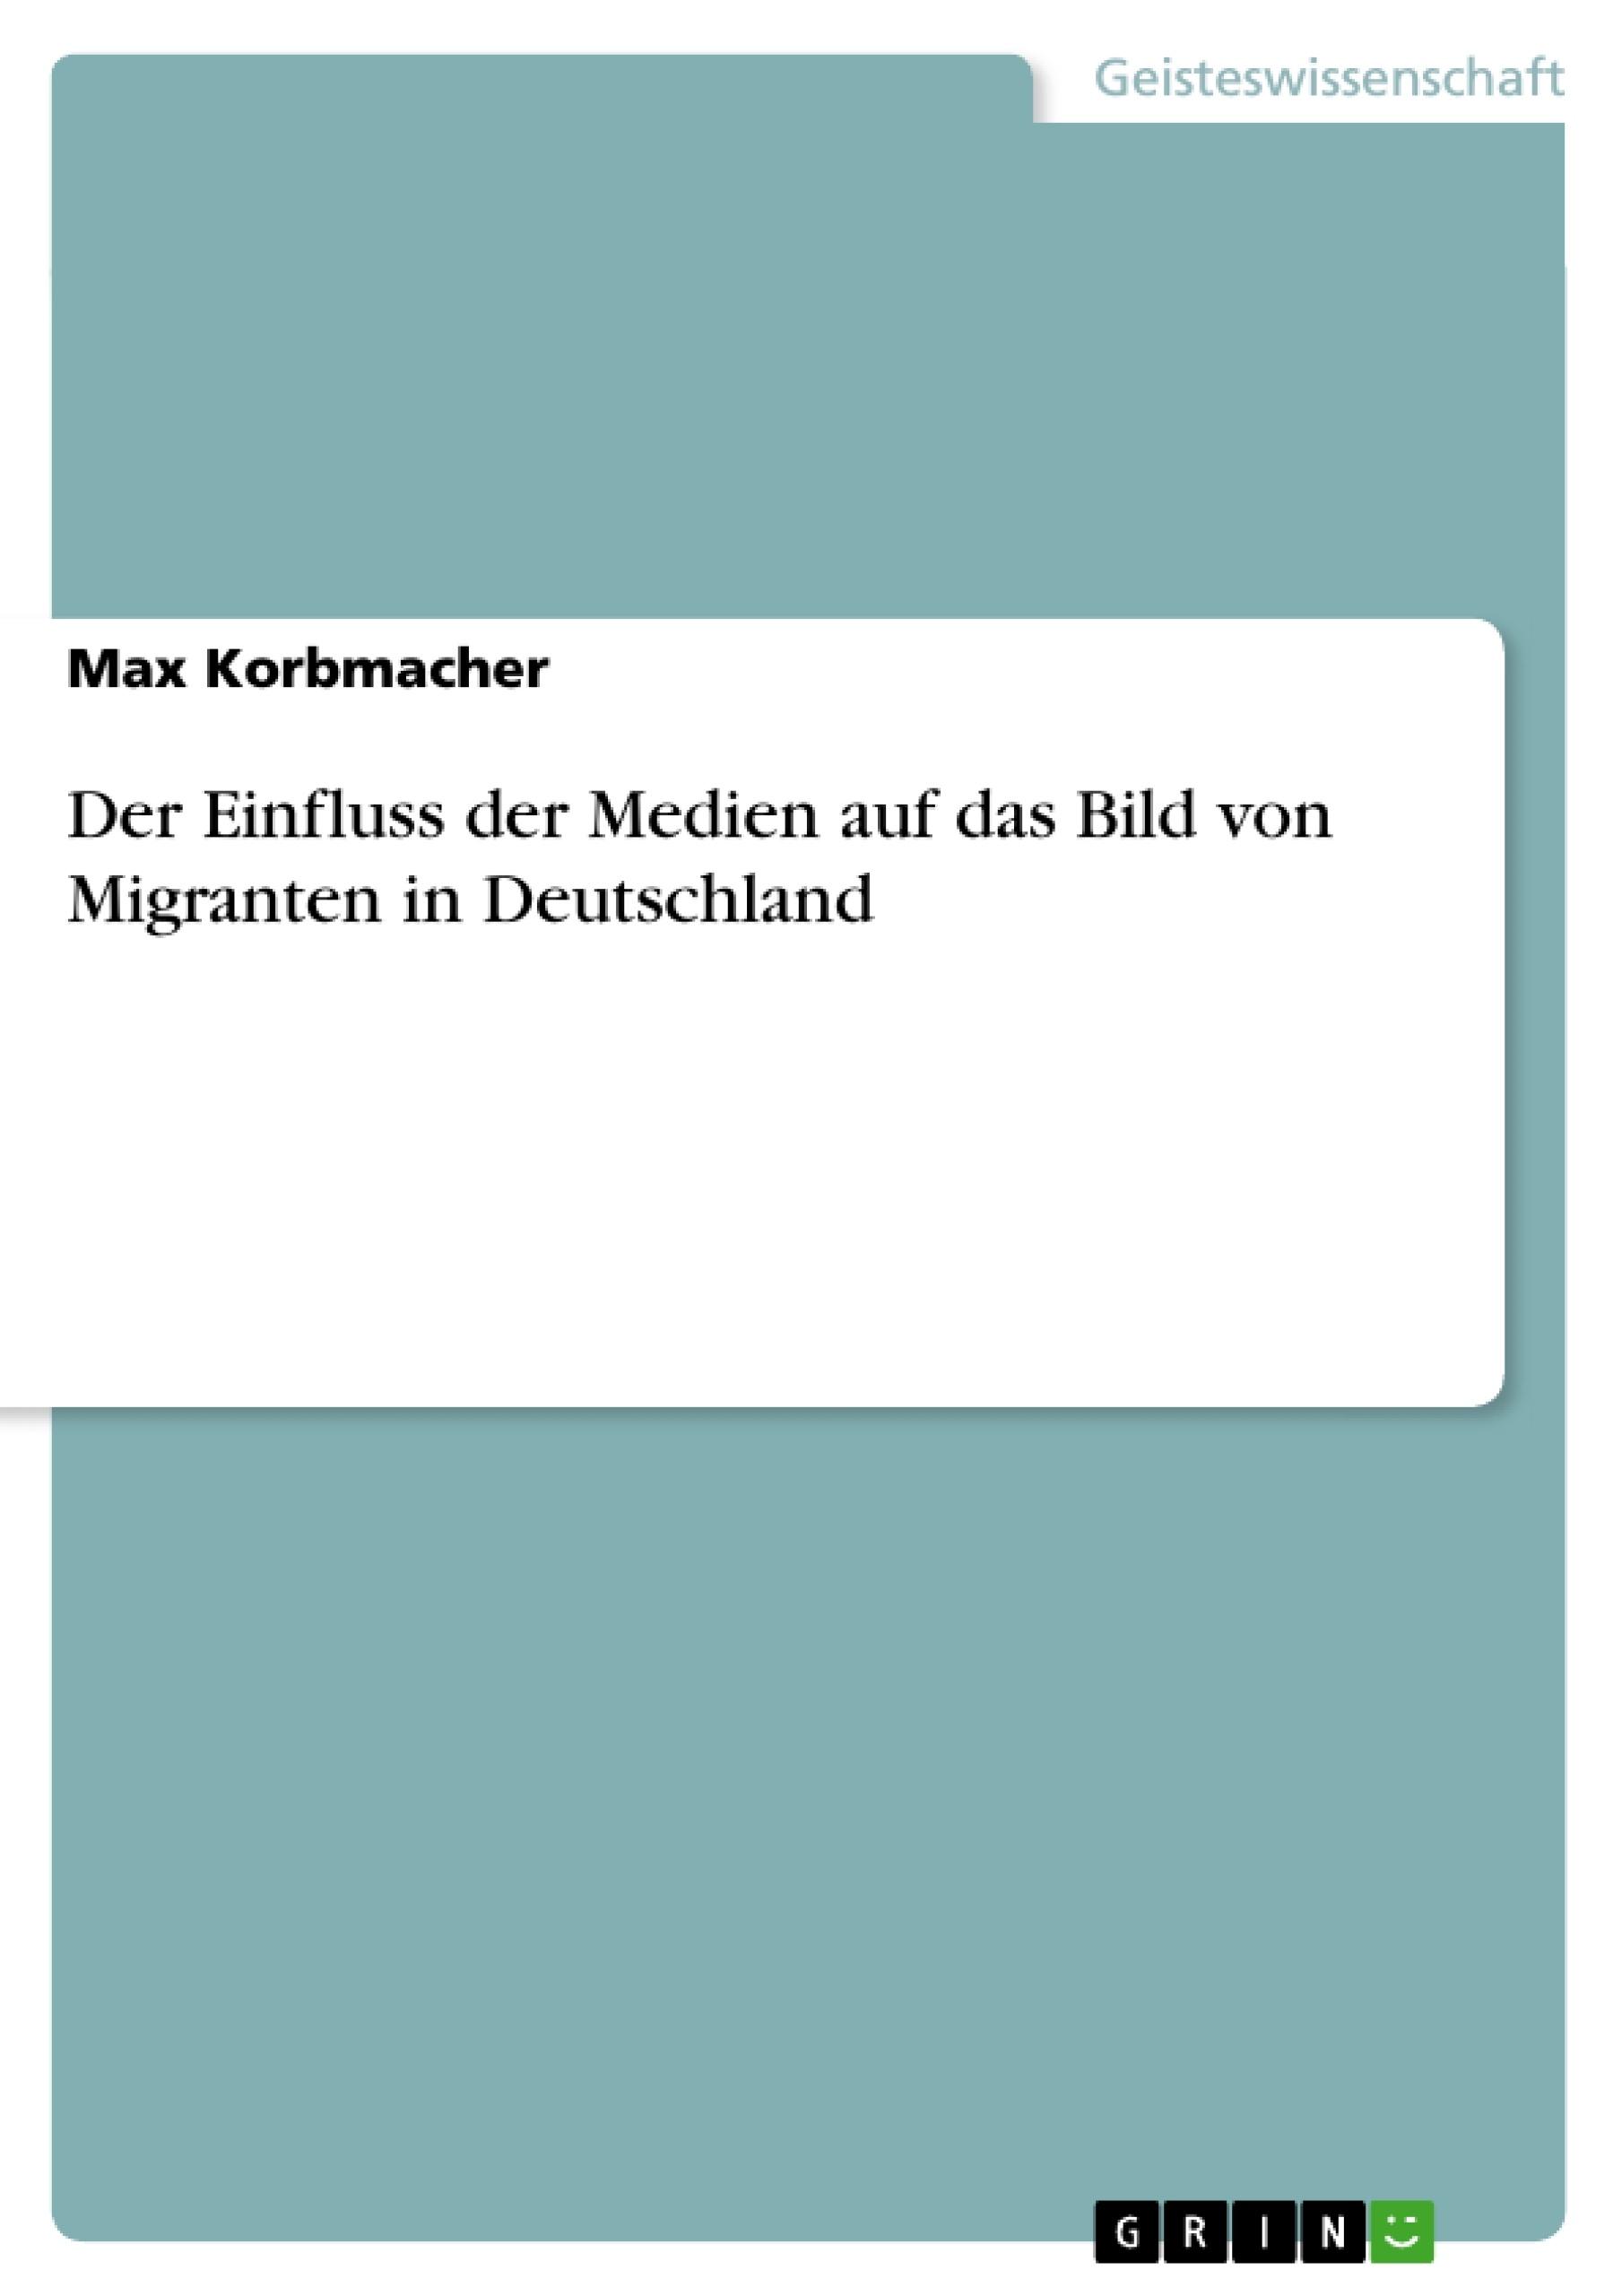 Titel: Der Einfluss der Medien auf das Bild von Migranten in Deutschland